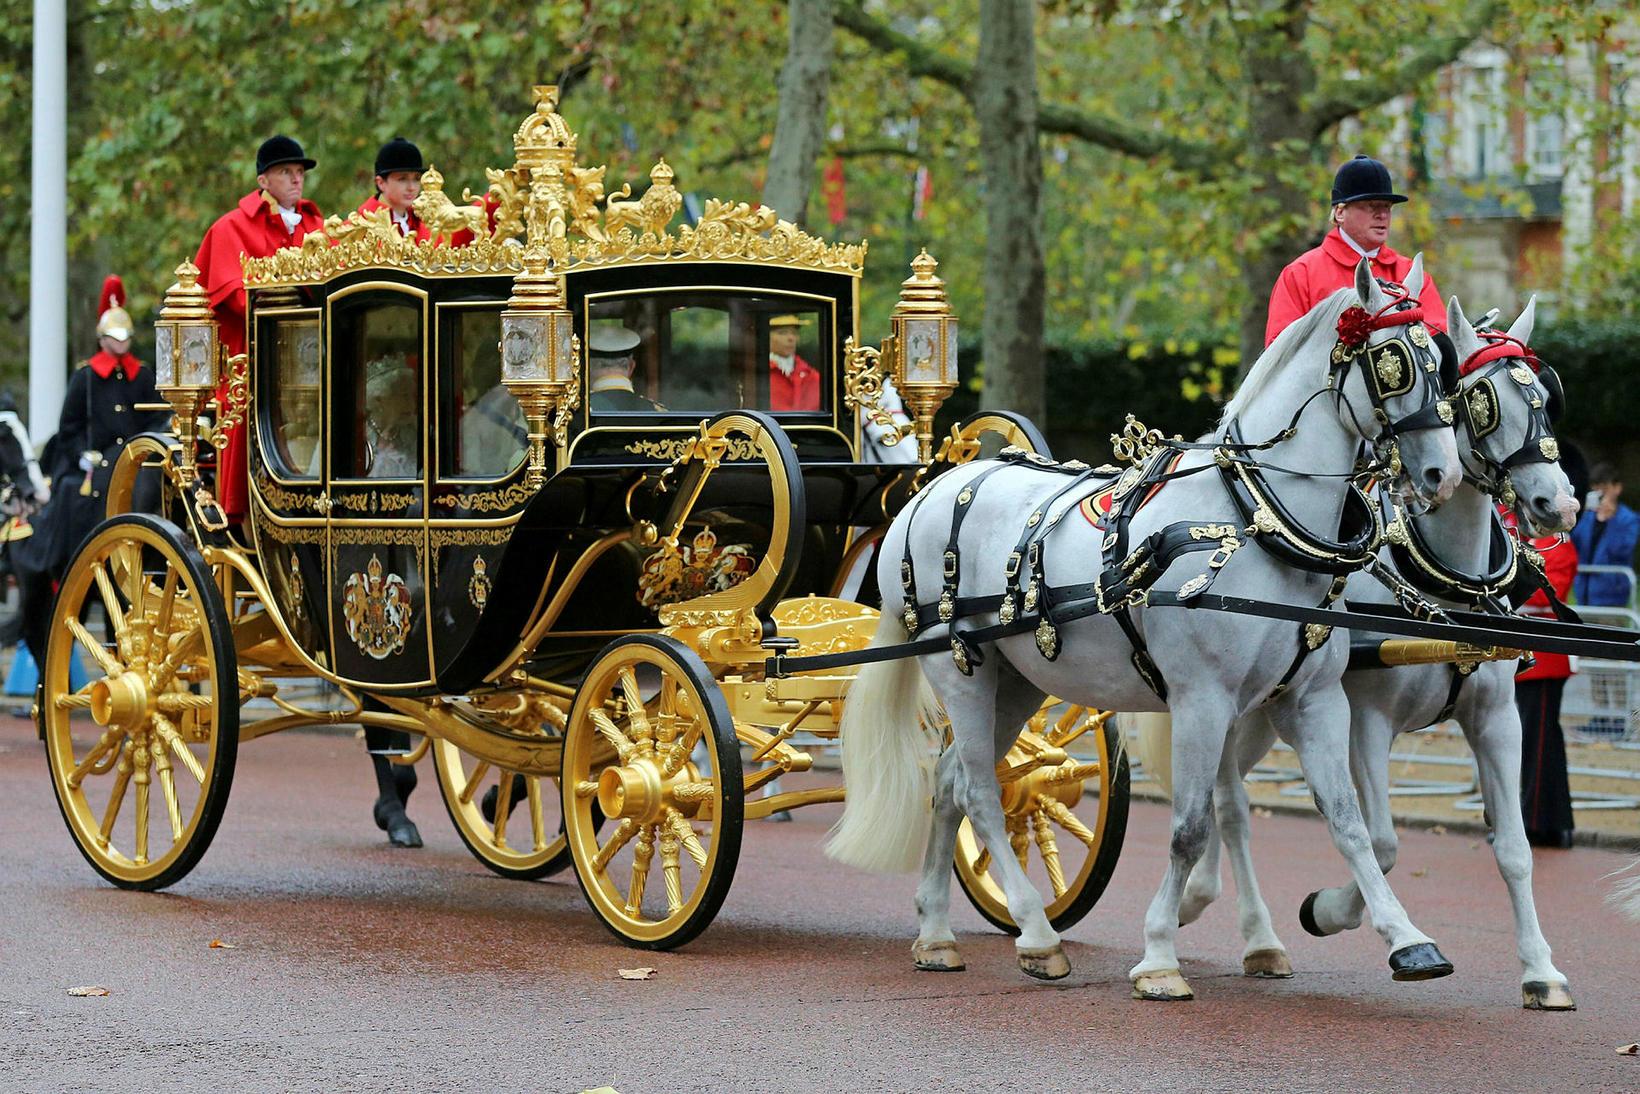 Drottningin ferðaðist í fullum skrúða með hestvagni frá Buckingham-höll að …